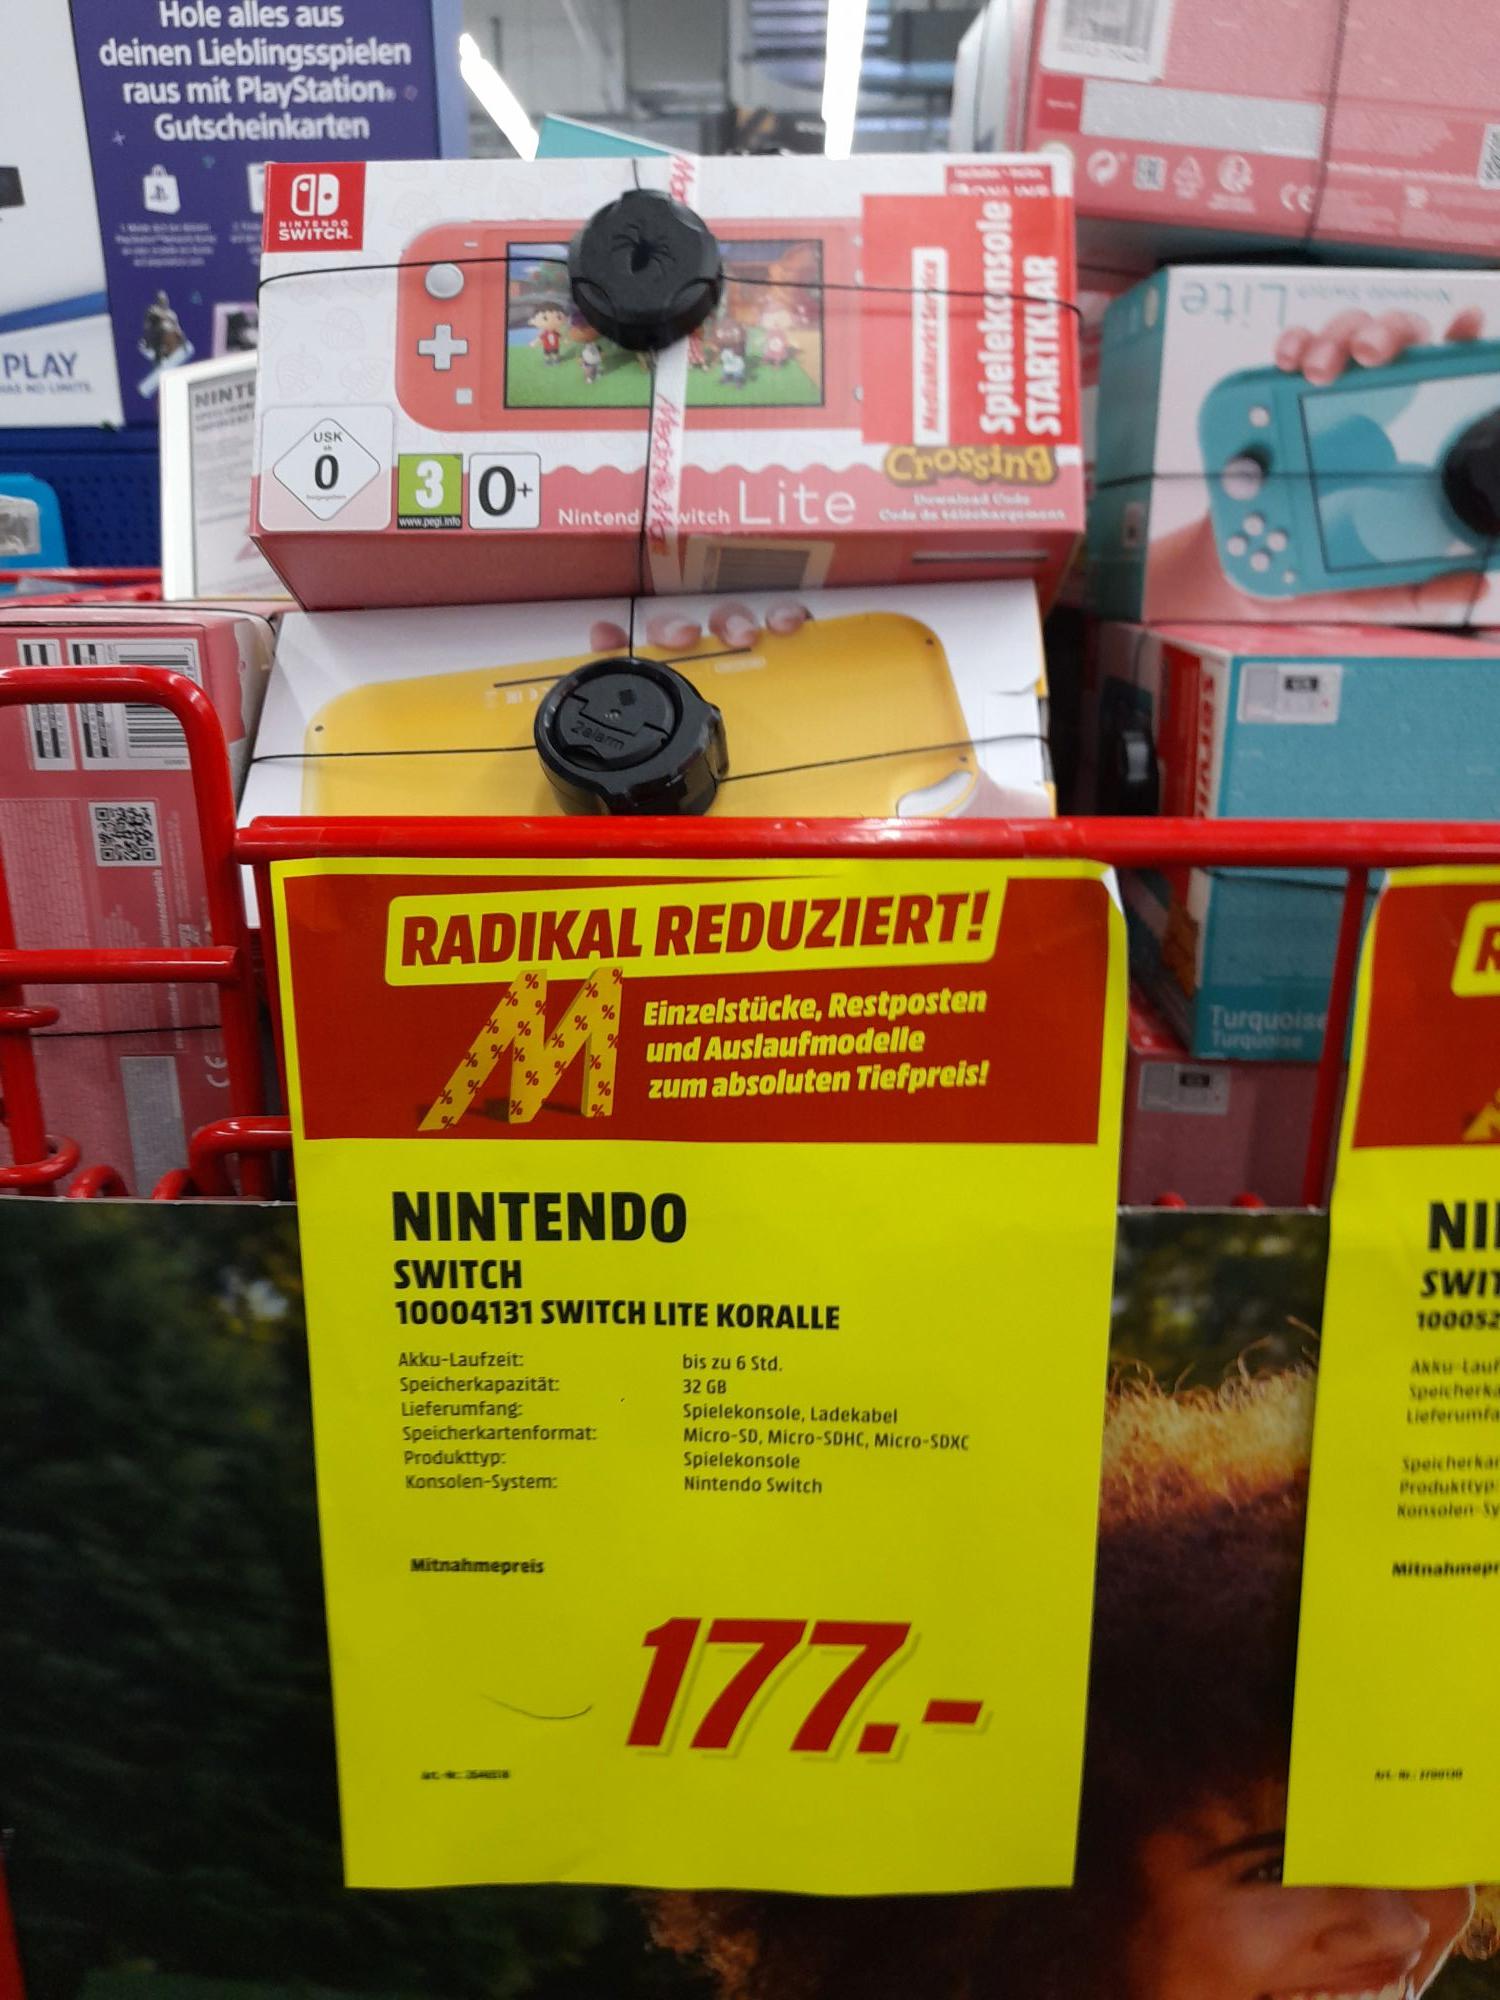 (Lokal Media Markt Düsseldorf Arkaden) Nintendo Switch Lite in Koralle für 177€